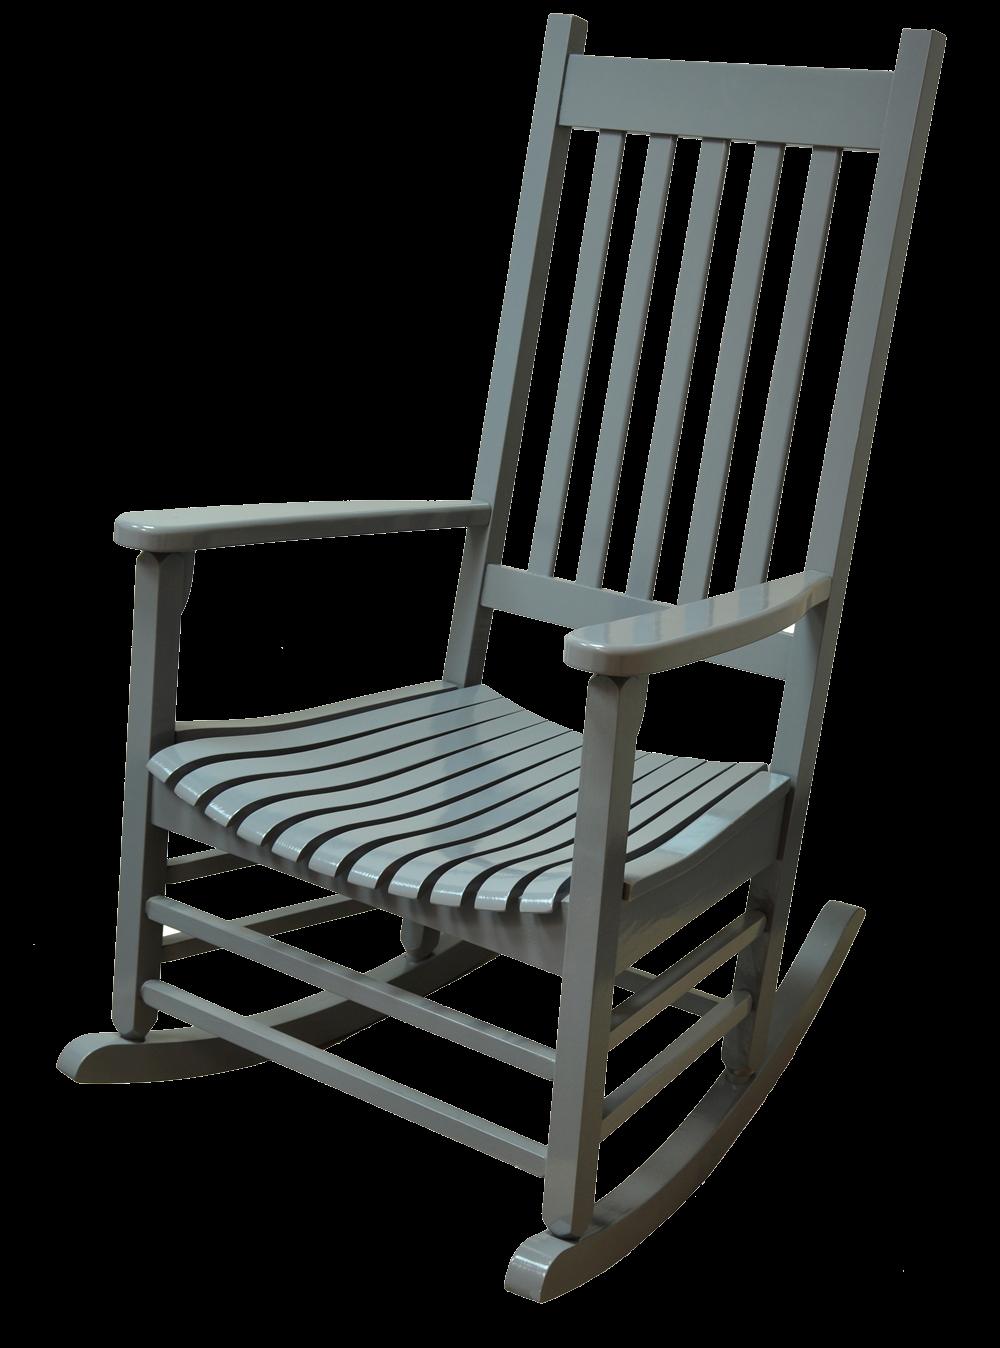 כסא נדנדה של ניחותא דגם ניו יורק Rocking chair porch